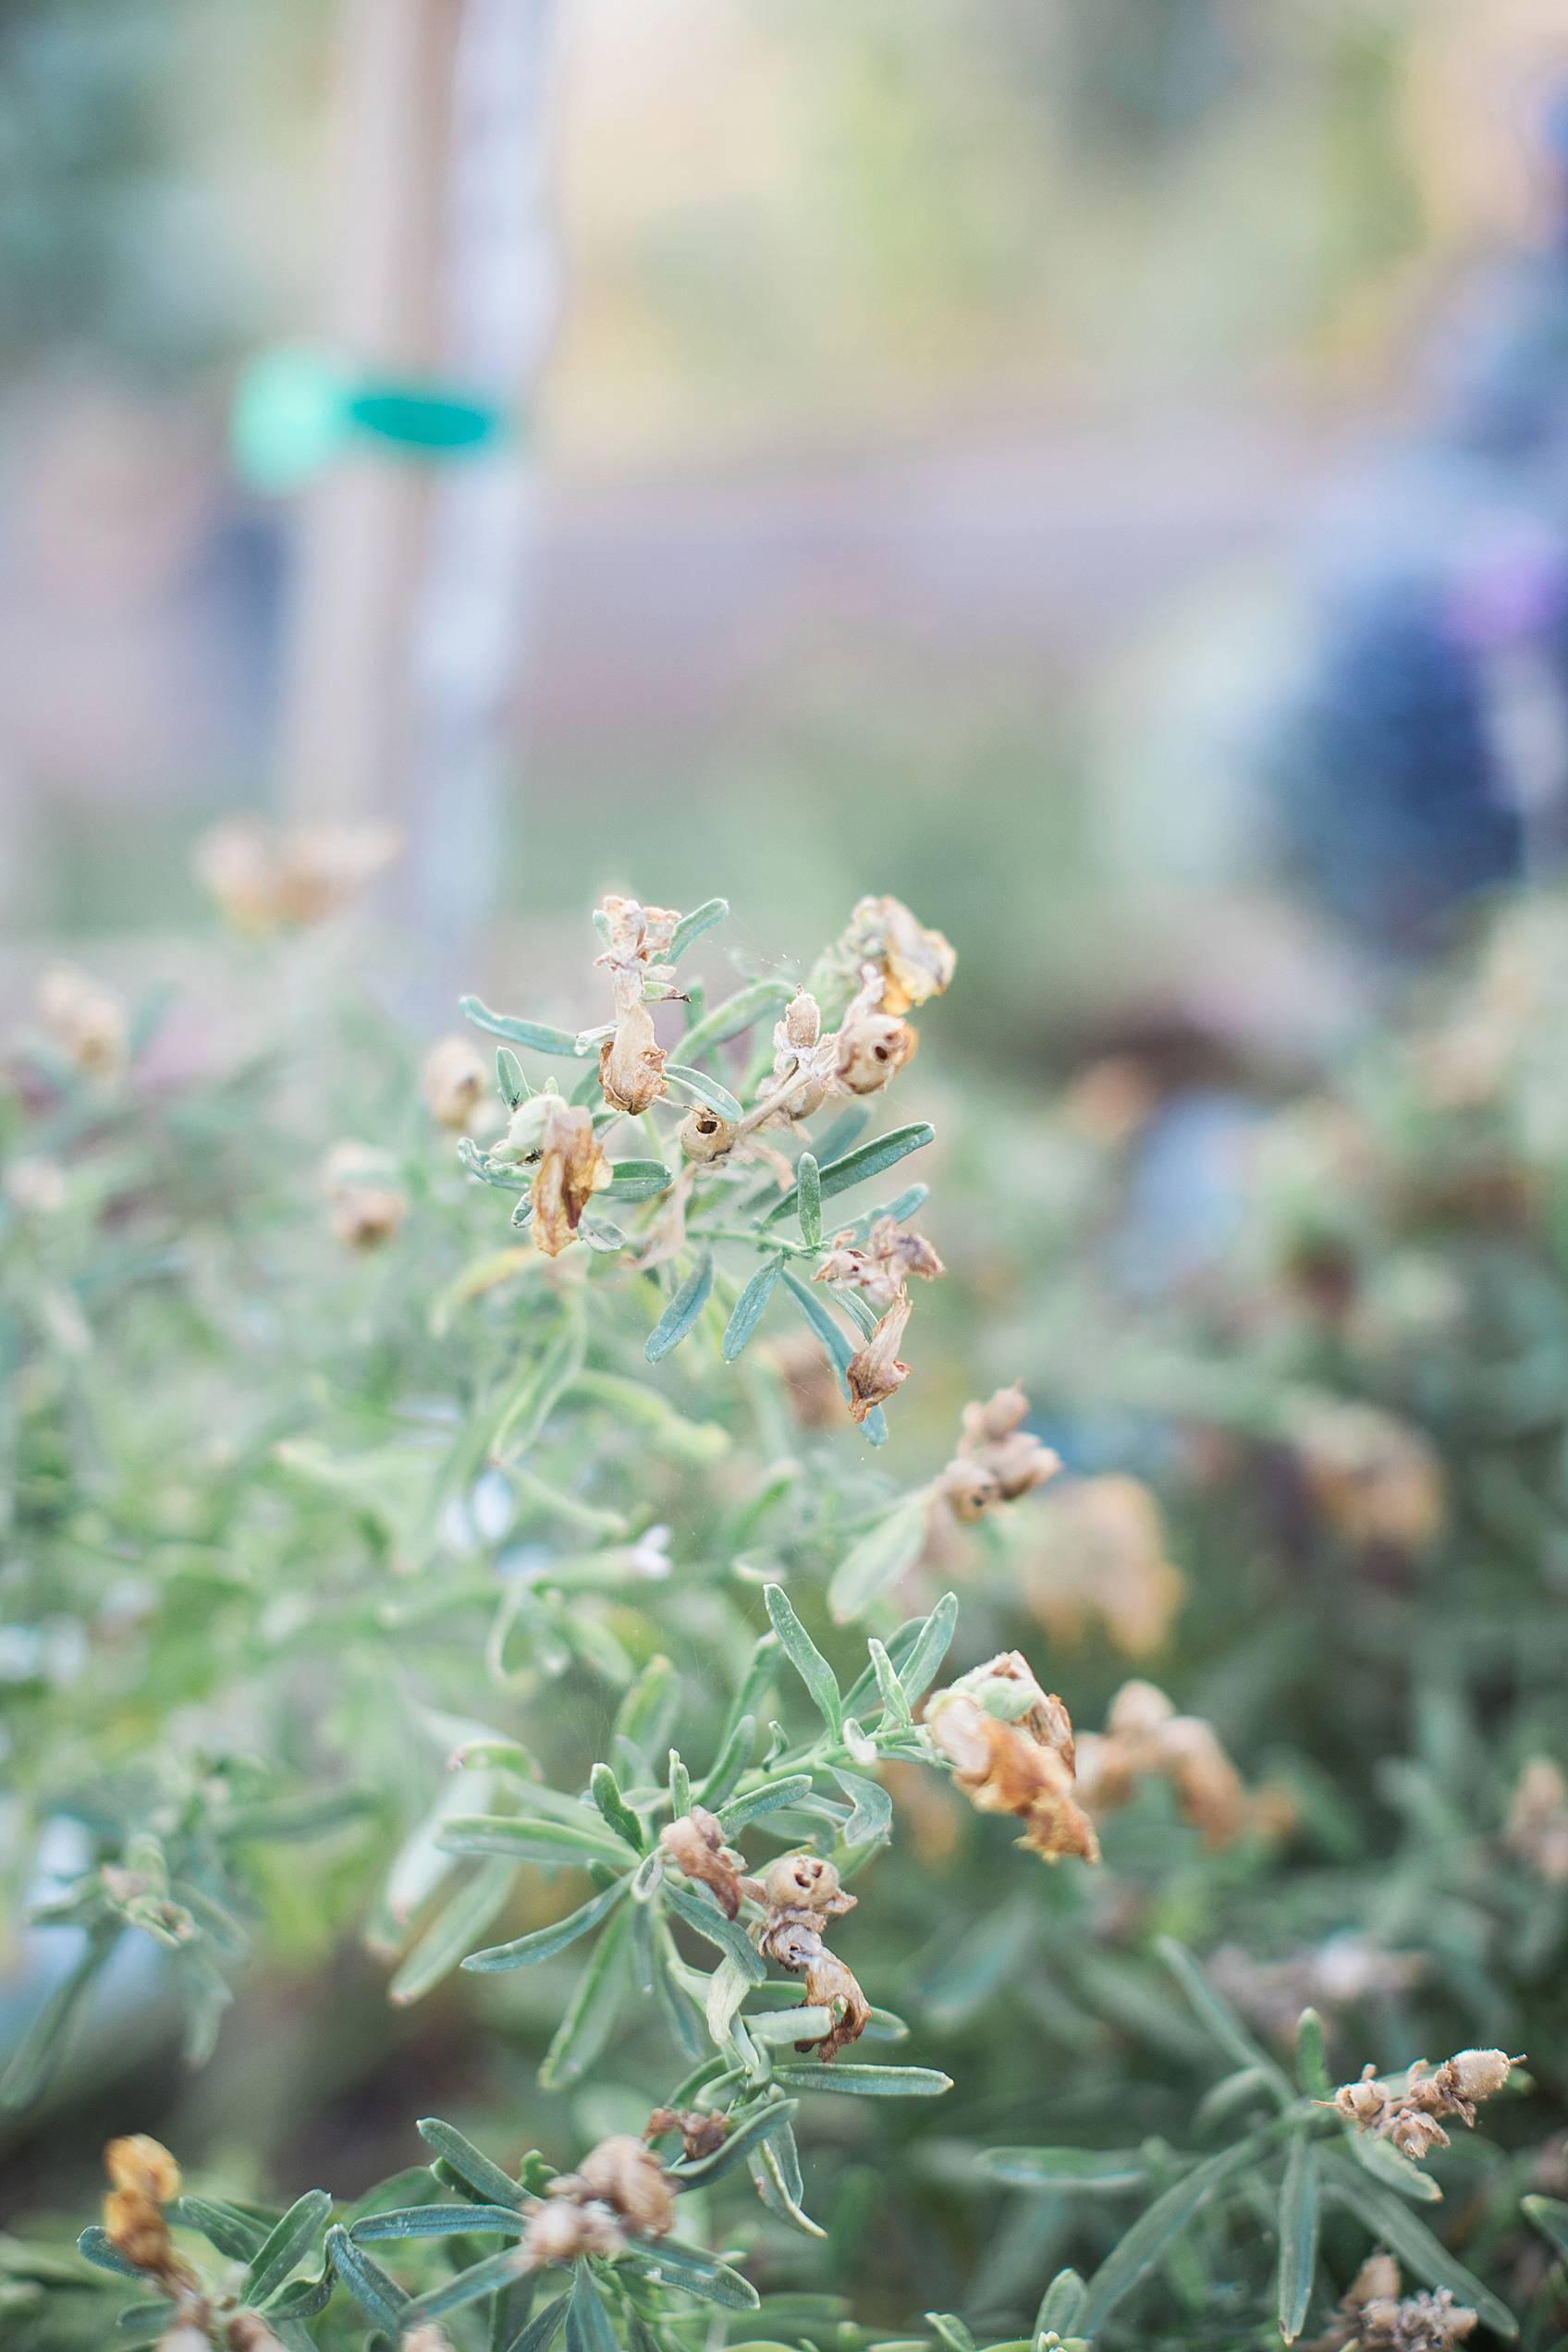 phoenix home garden blogger diana Elizabeth's garden seedlings